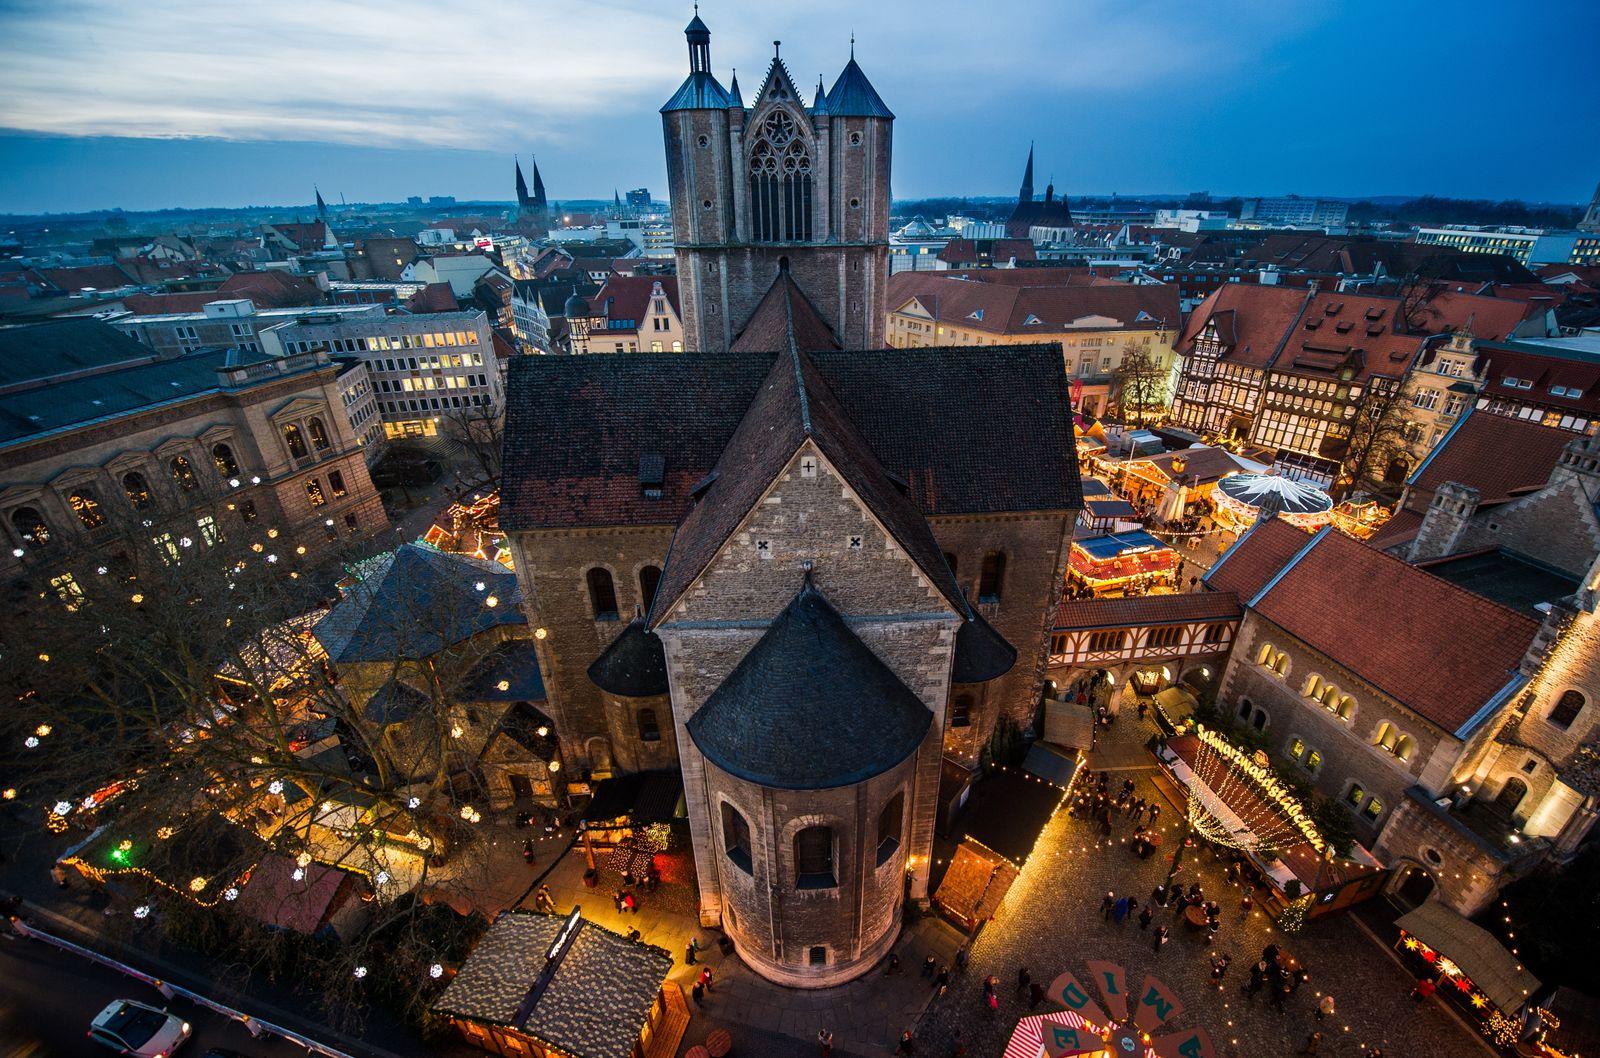 Weihnachtsmarkt Braunschweig